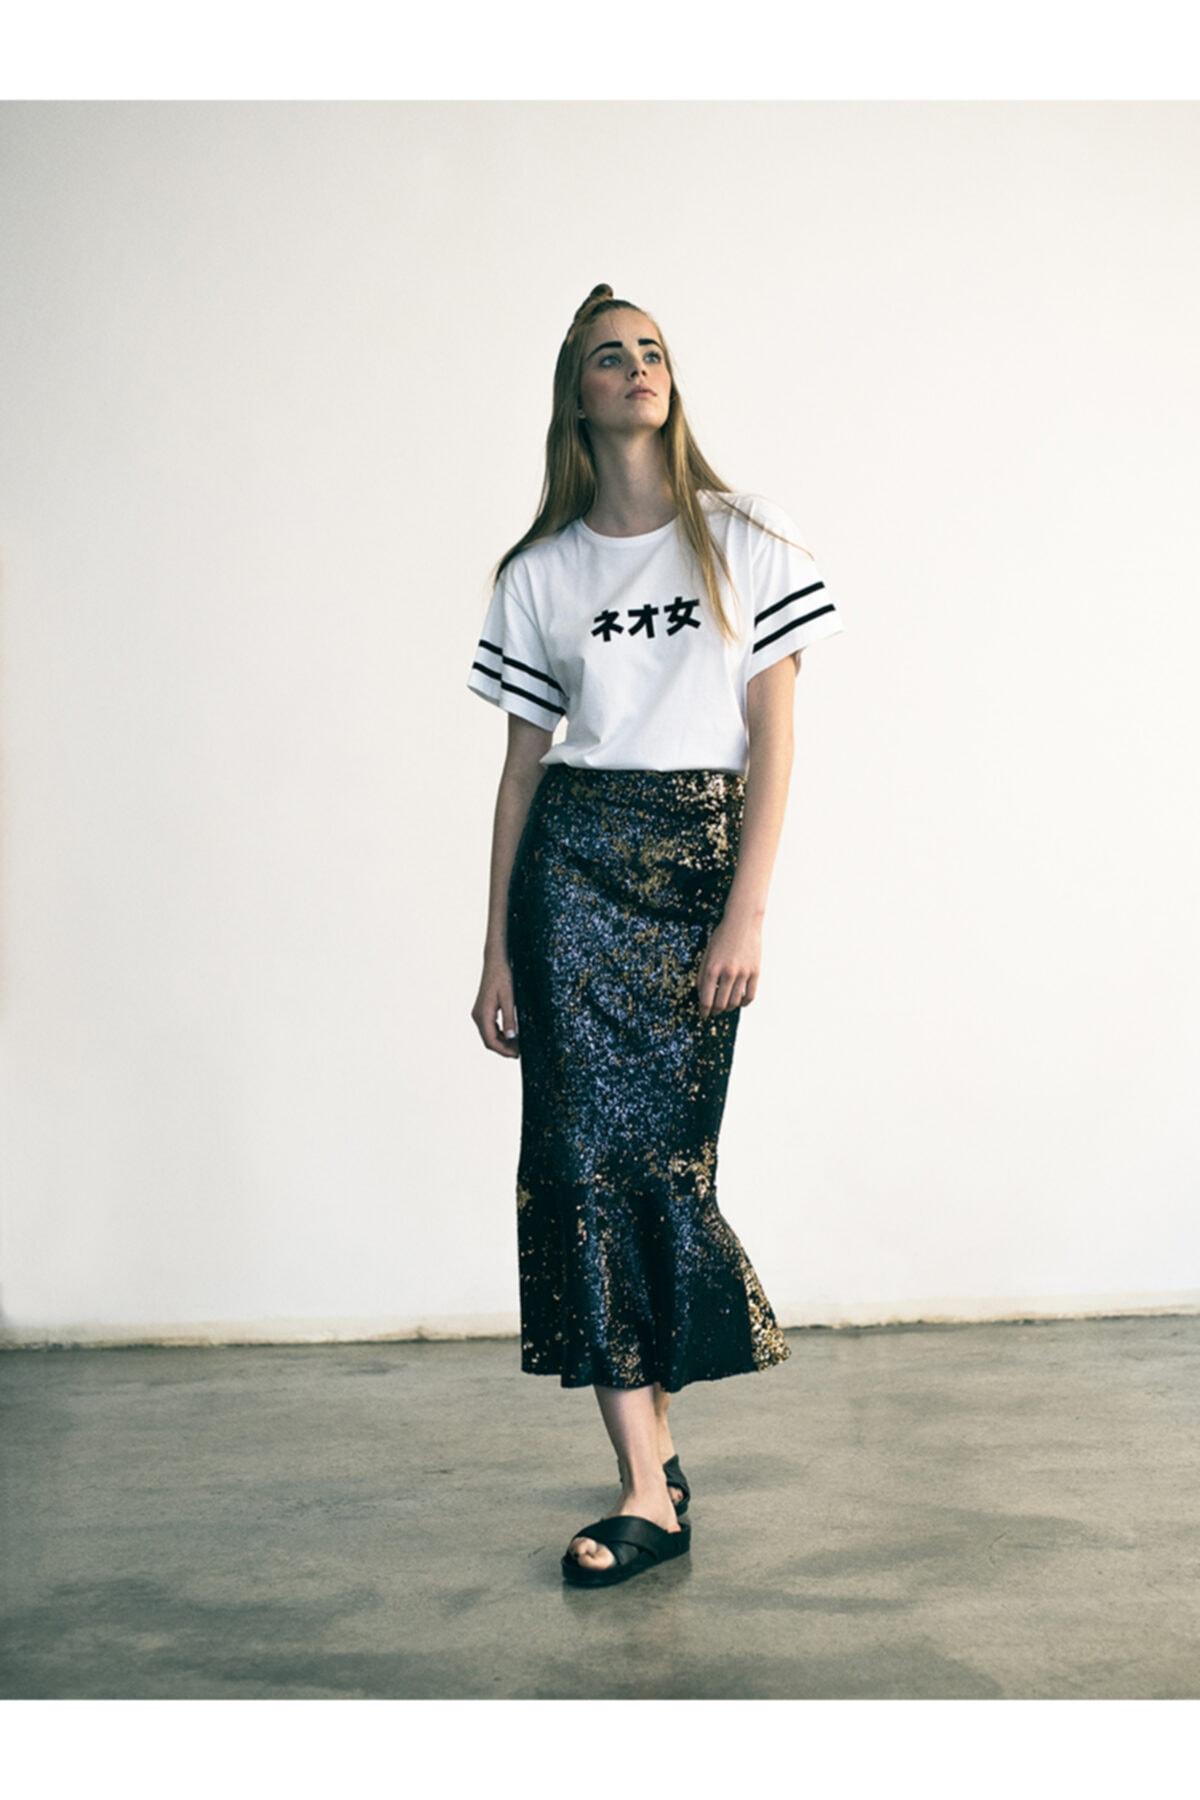 Tagg Kadın Neo-woman Tshirt 2